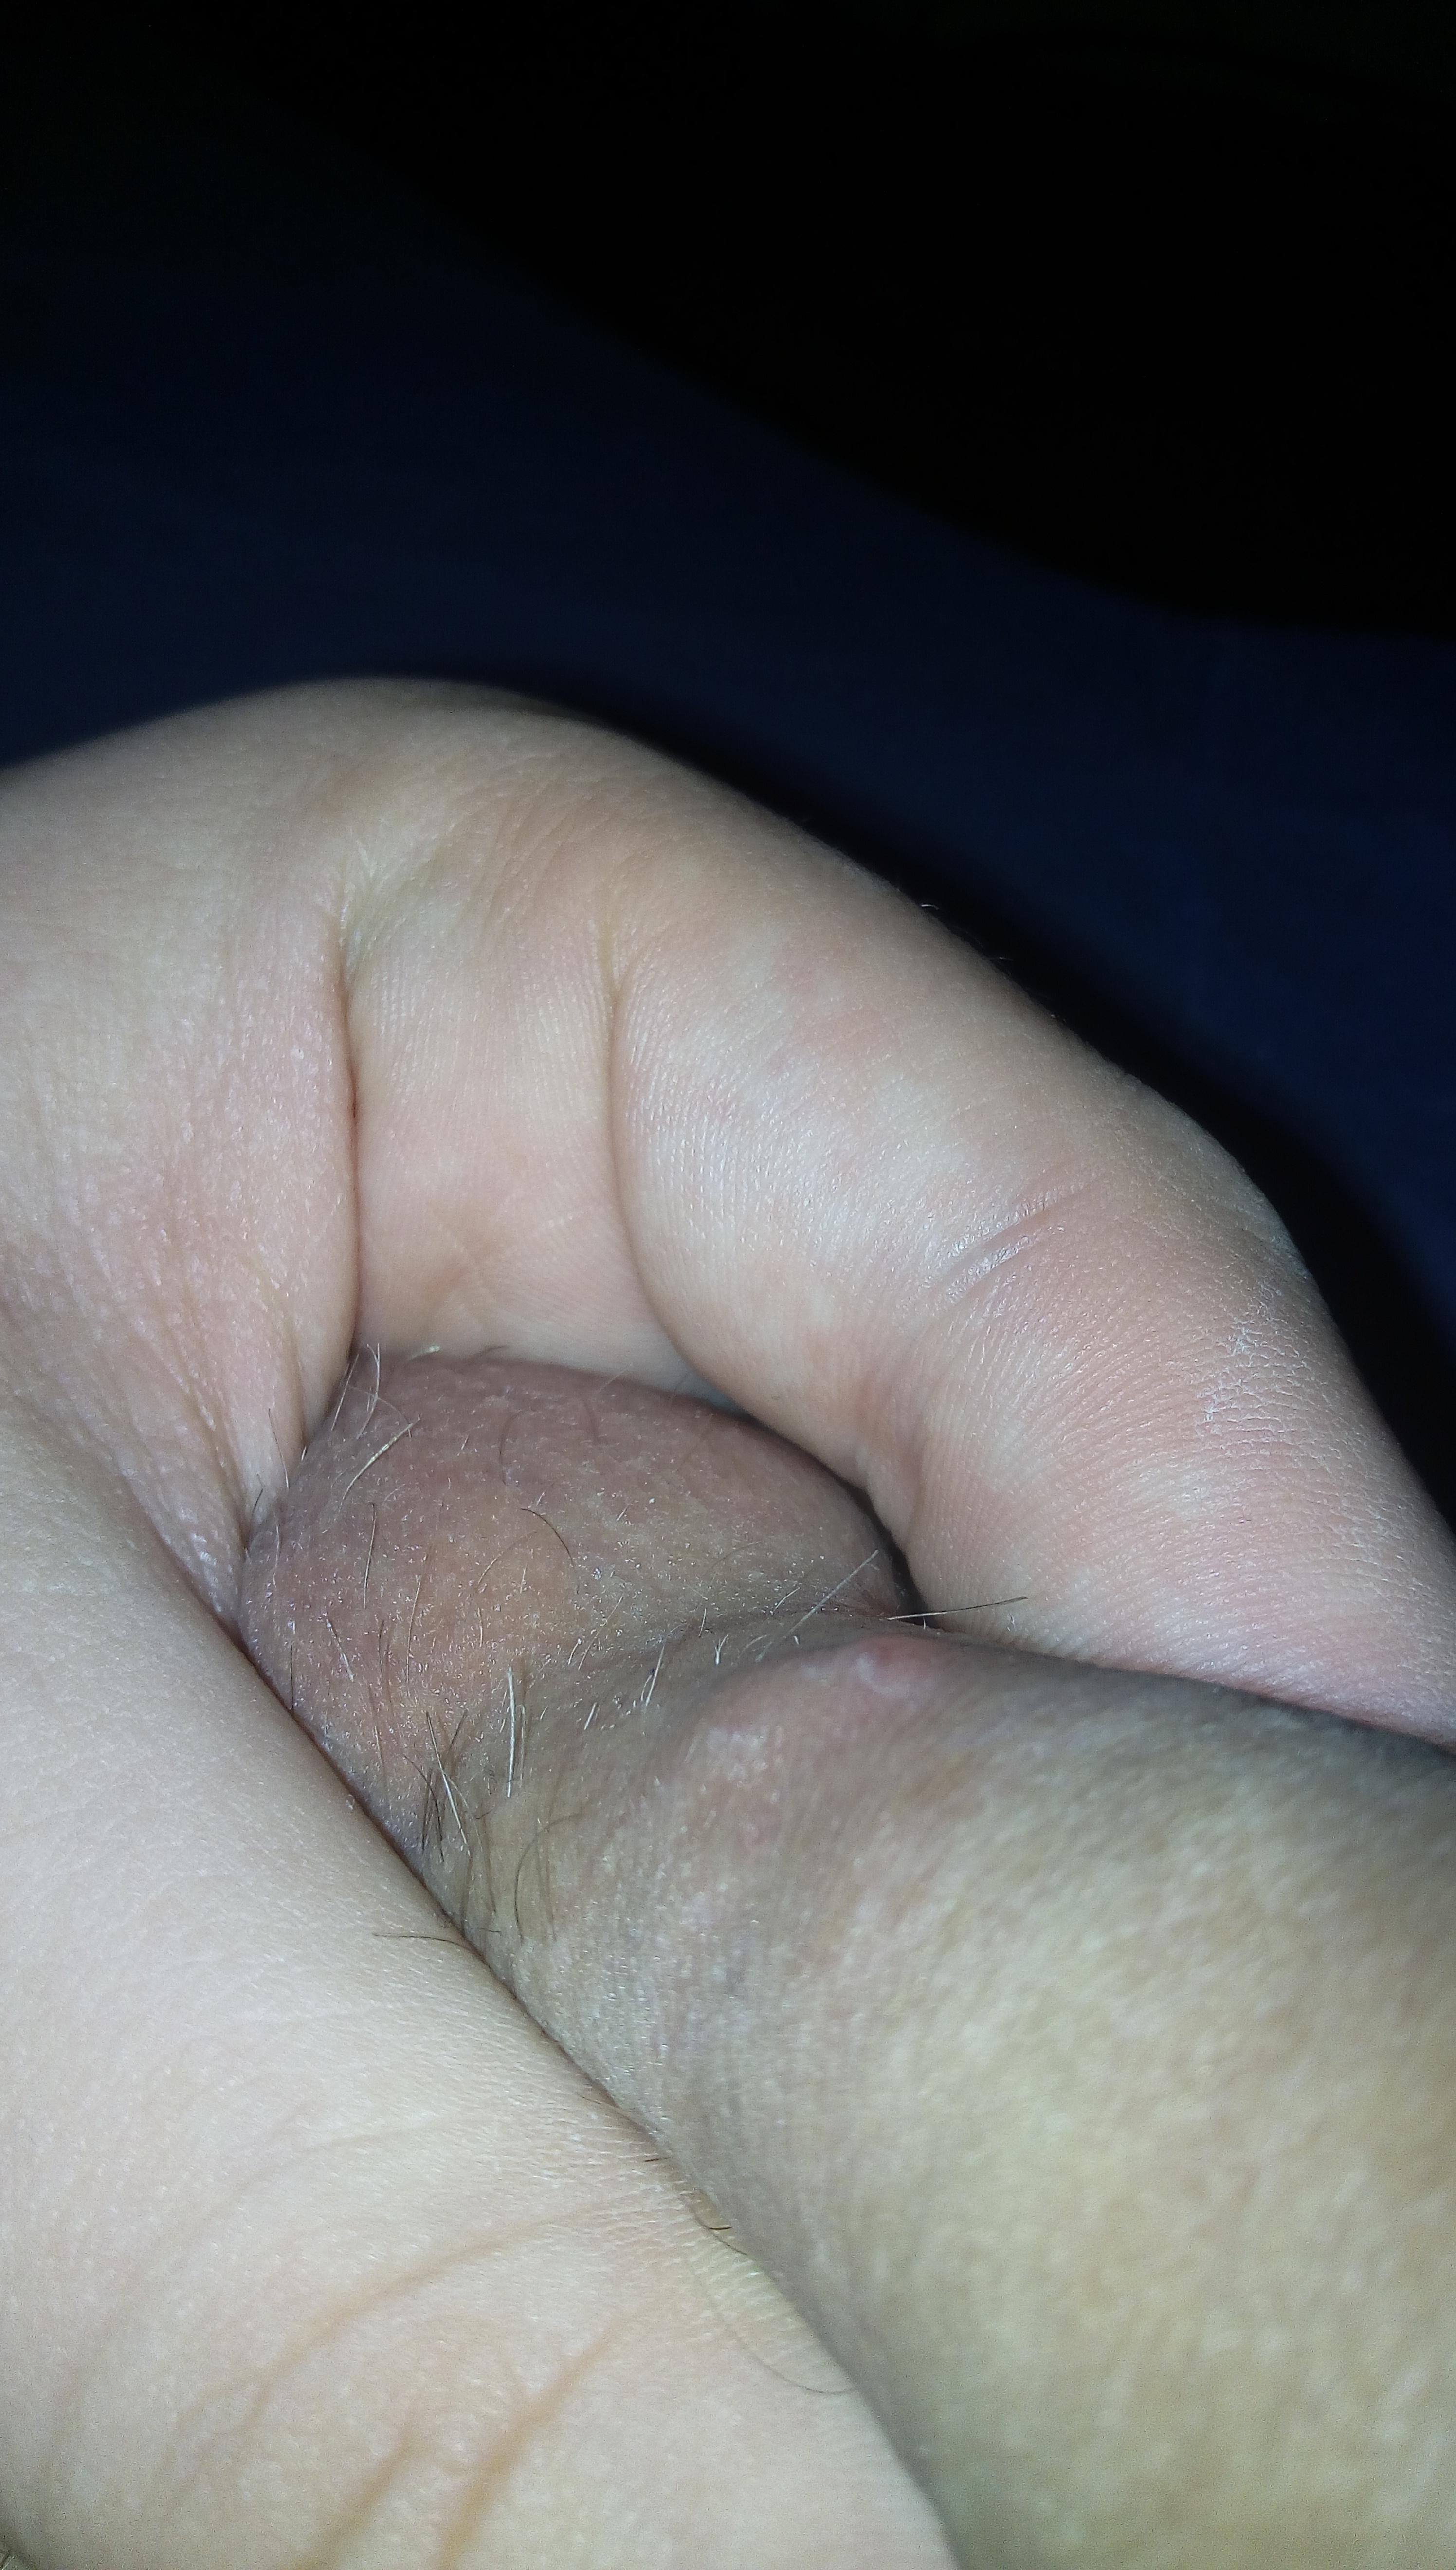 erecție puternică și lungă cu un penis mic